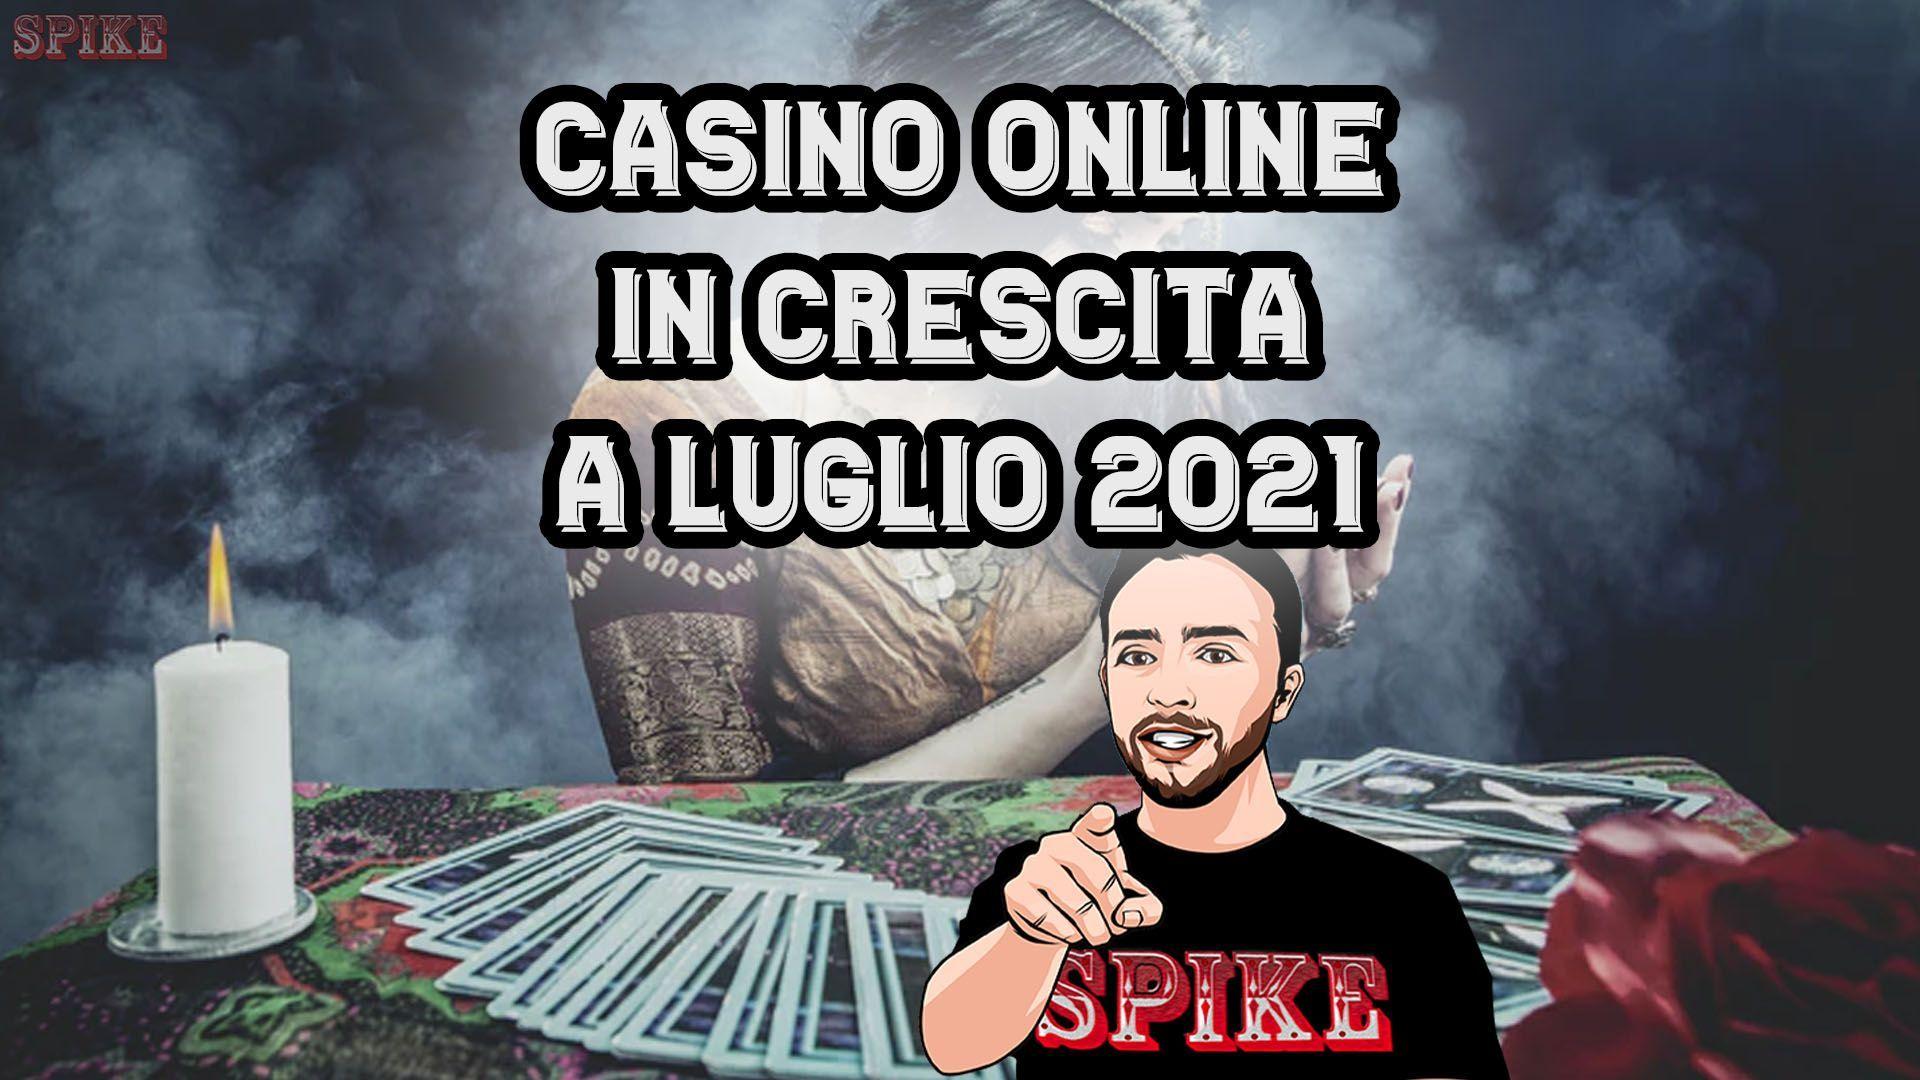 Casino in Crescita a Luglio 2021